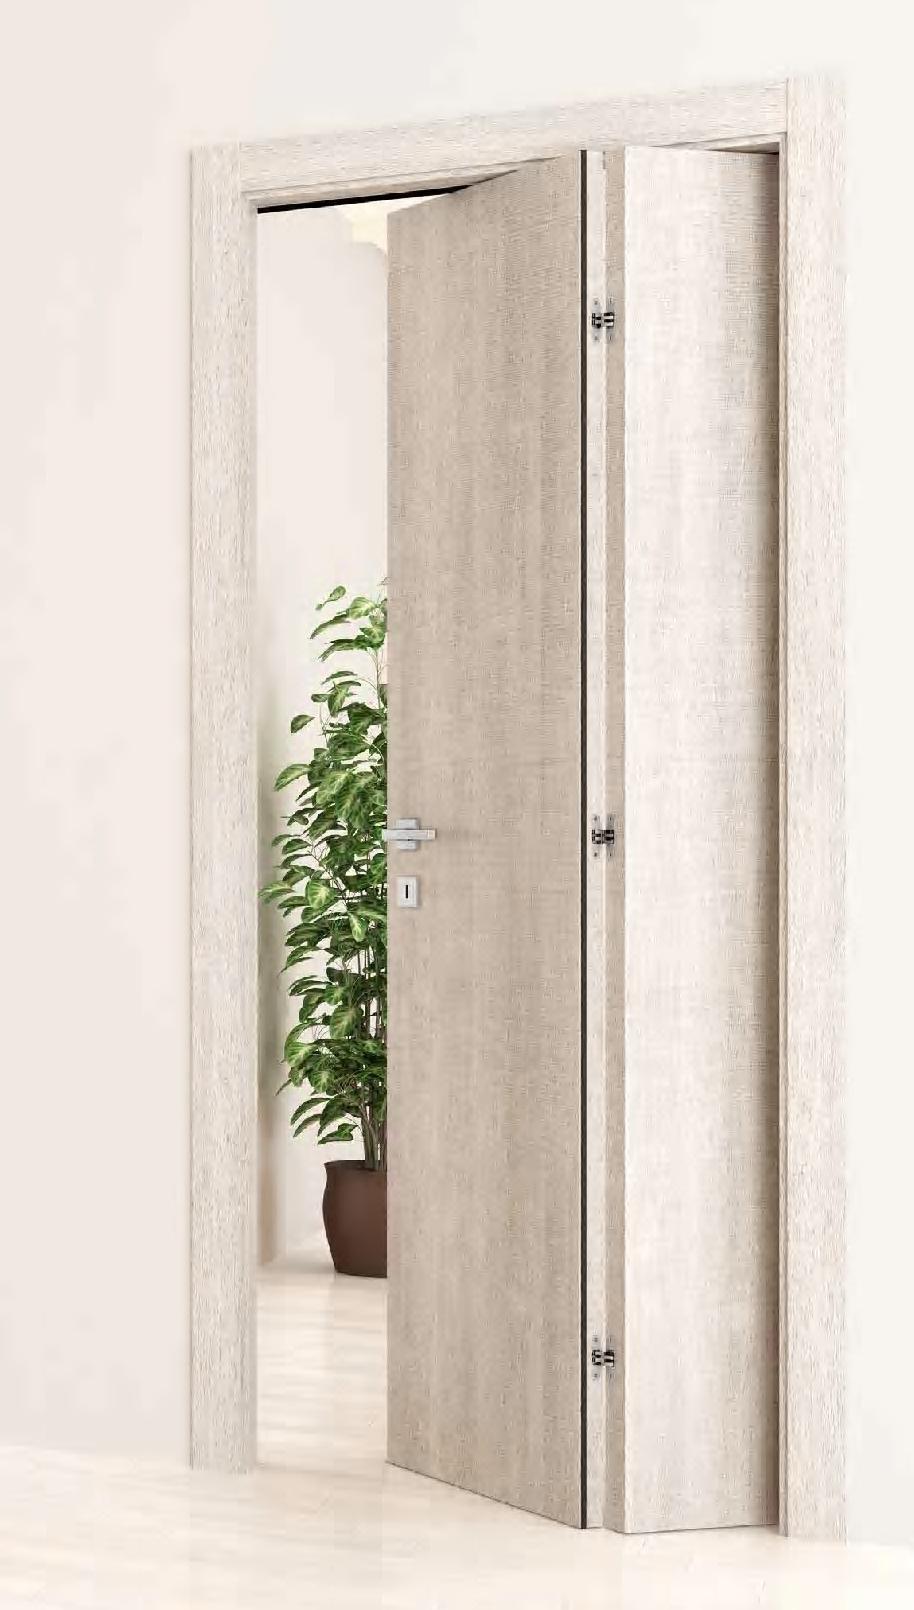 Porta xilo 2 inserti alluminio laminato spazzolato 10 finiture cieca 50 varianti ebay - Porta pieghevole ...